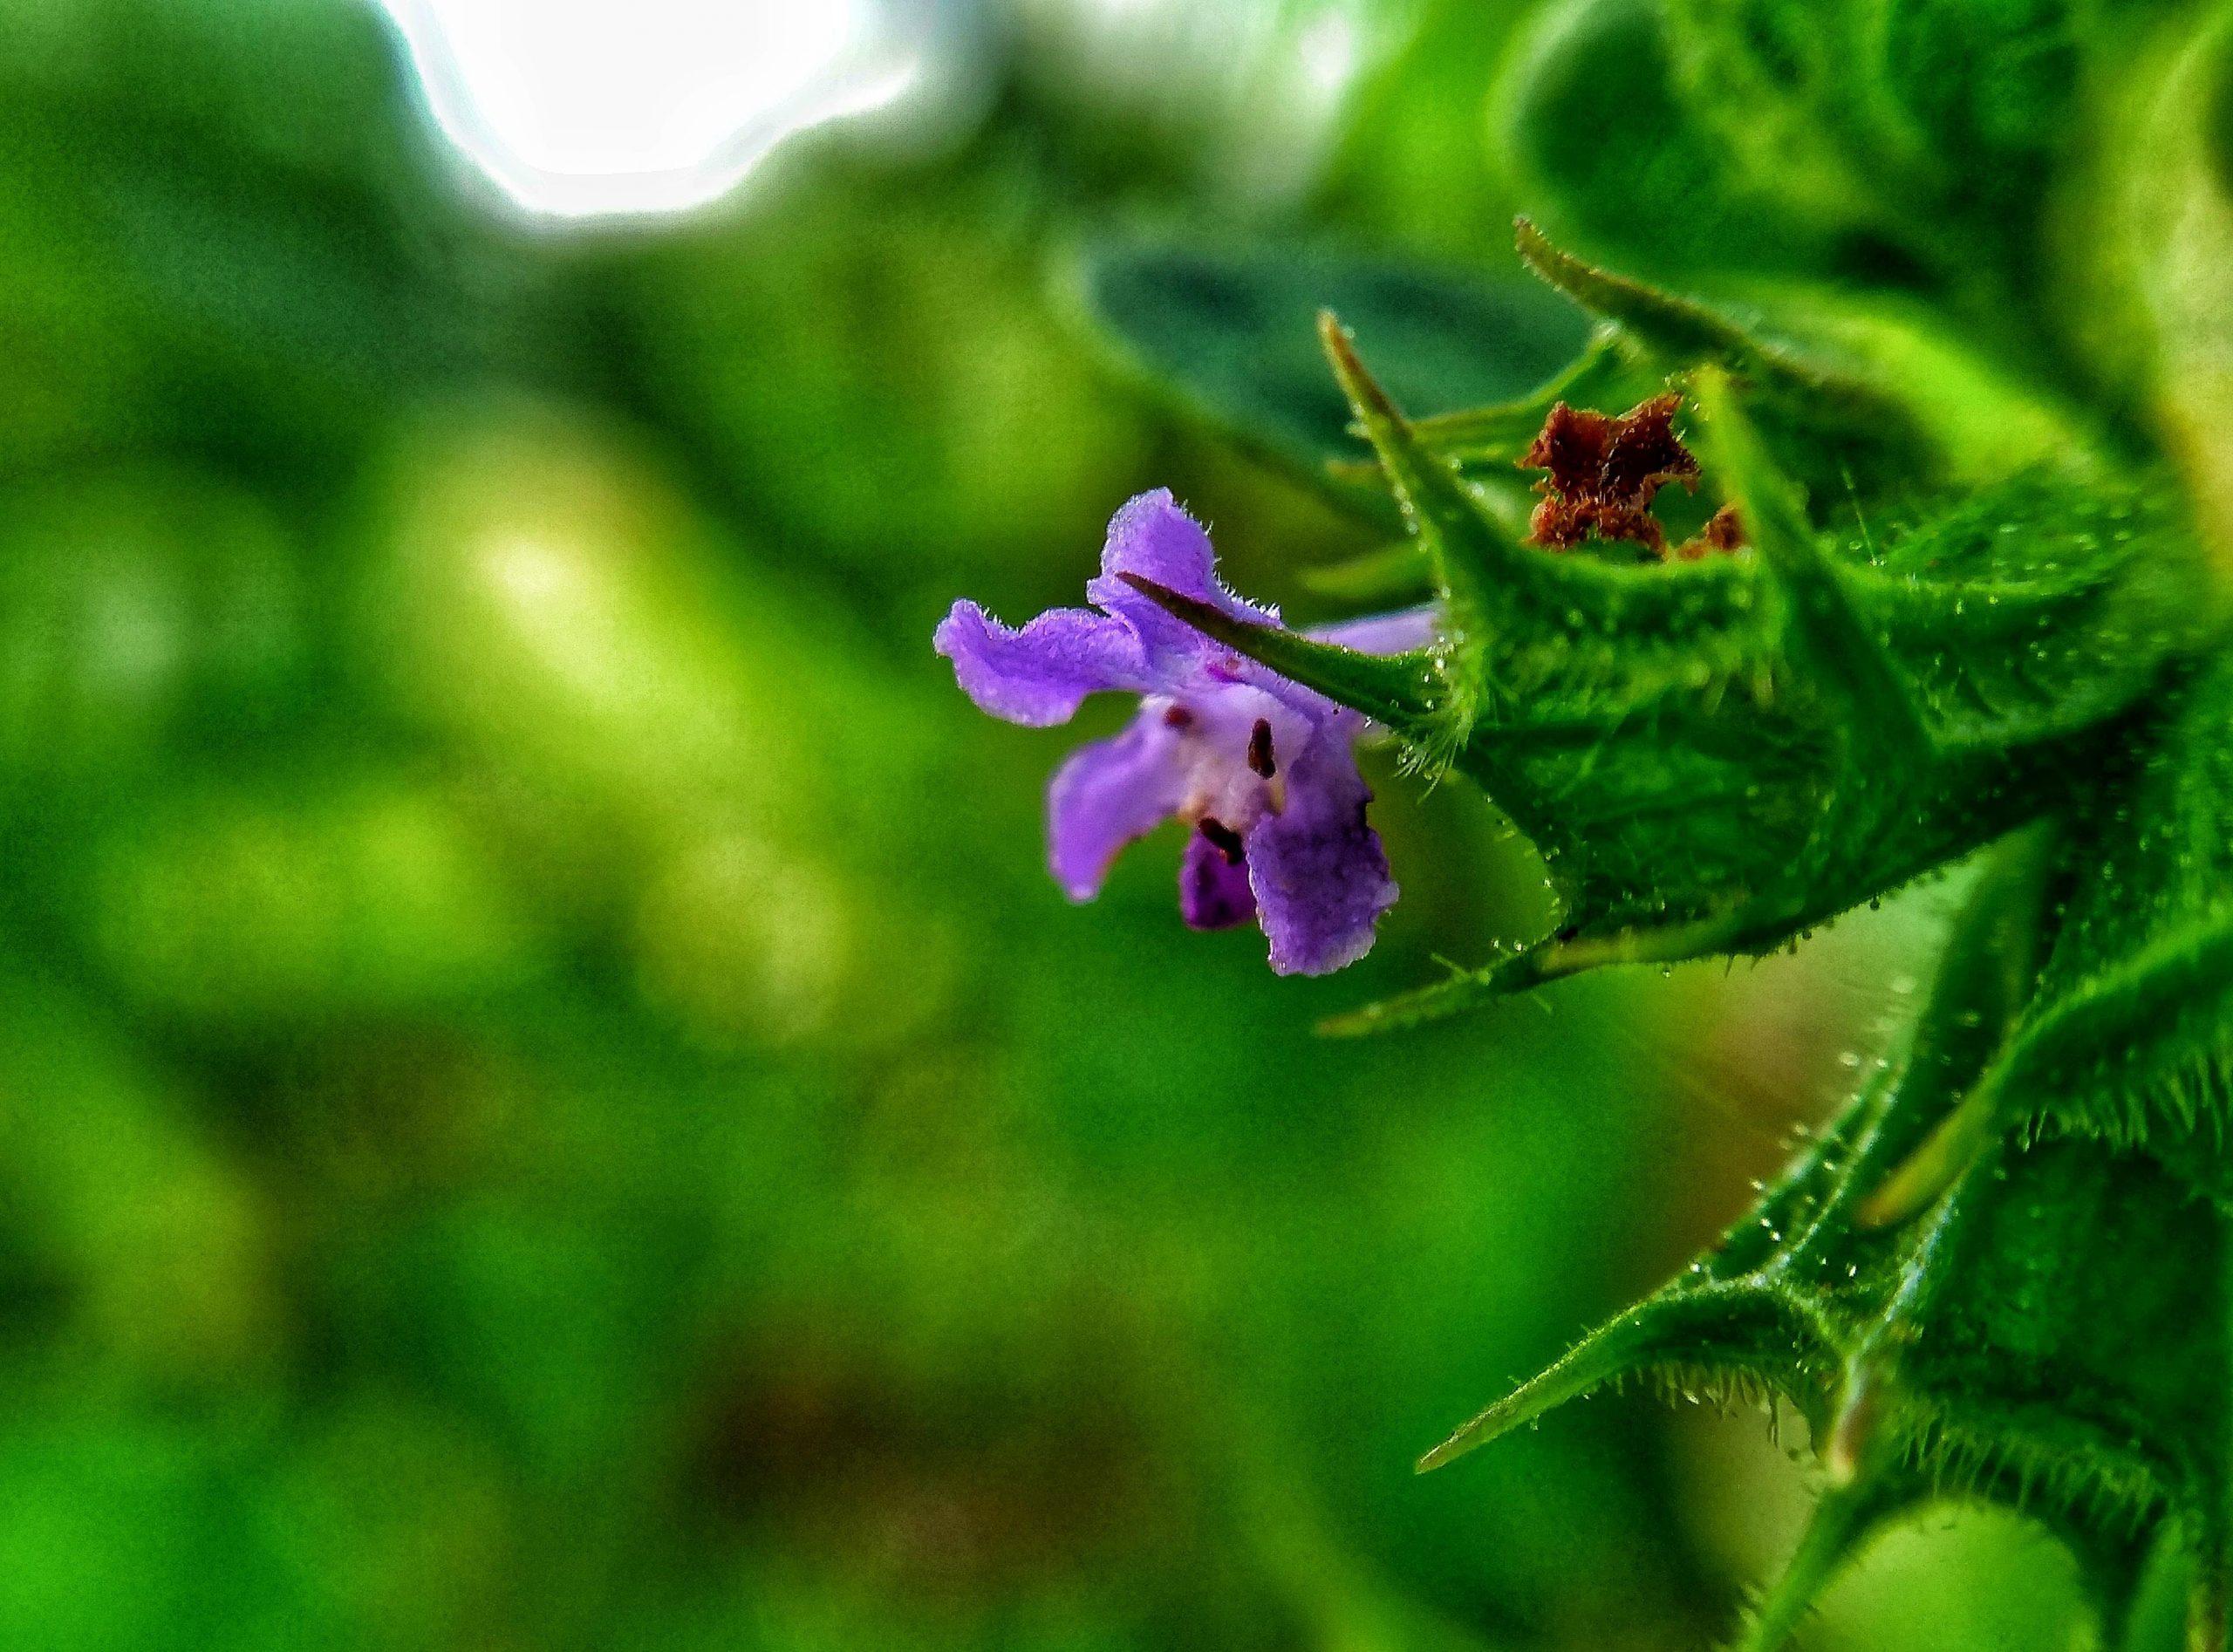 purple flower on plant